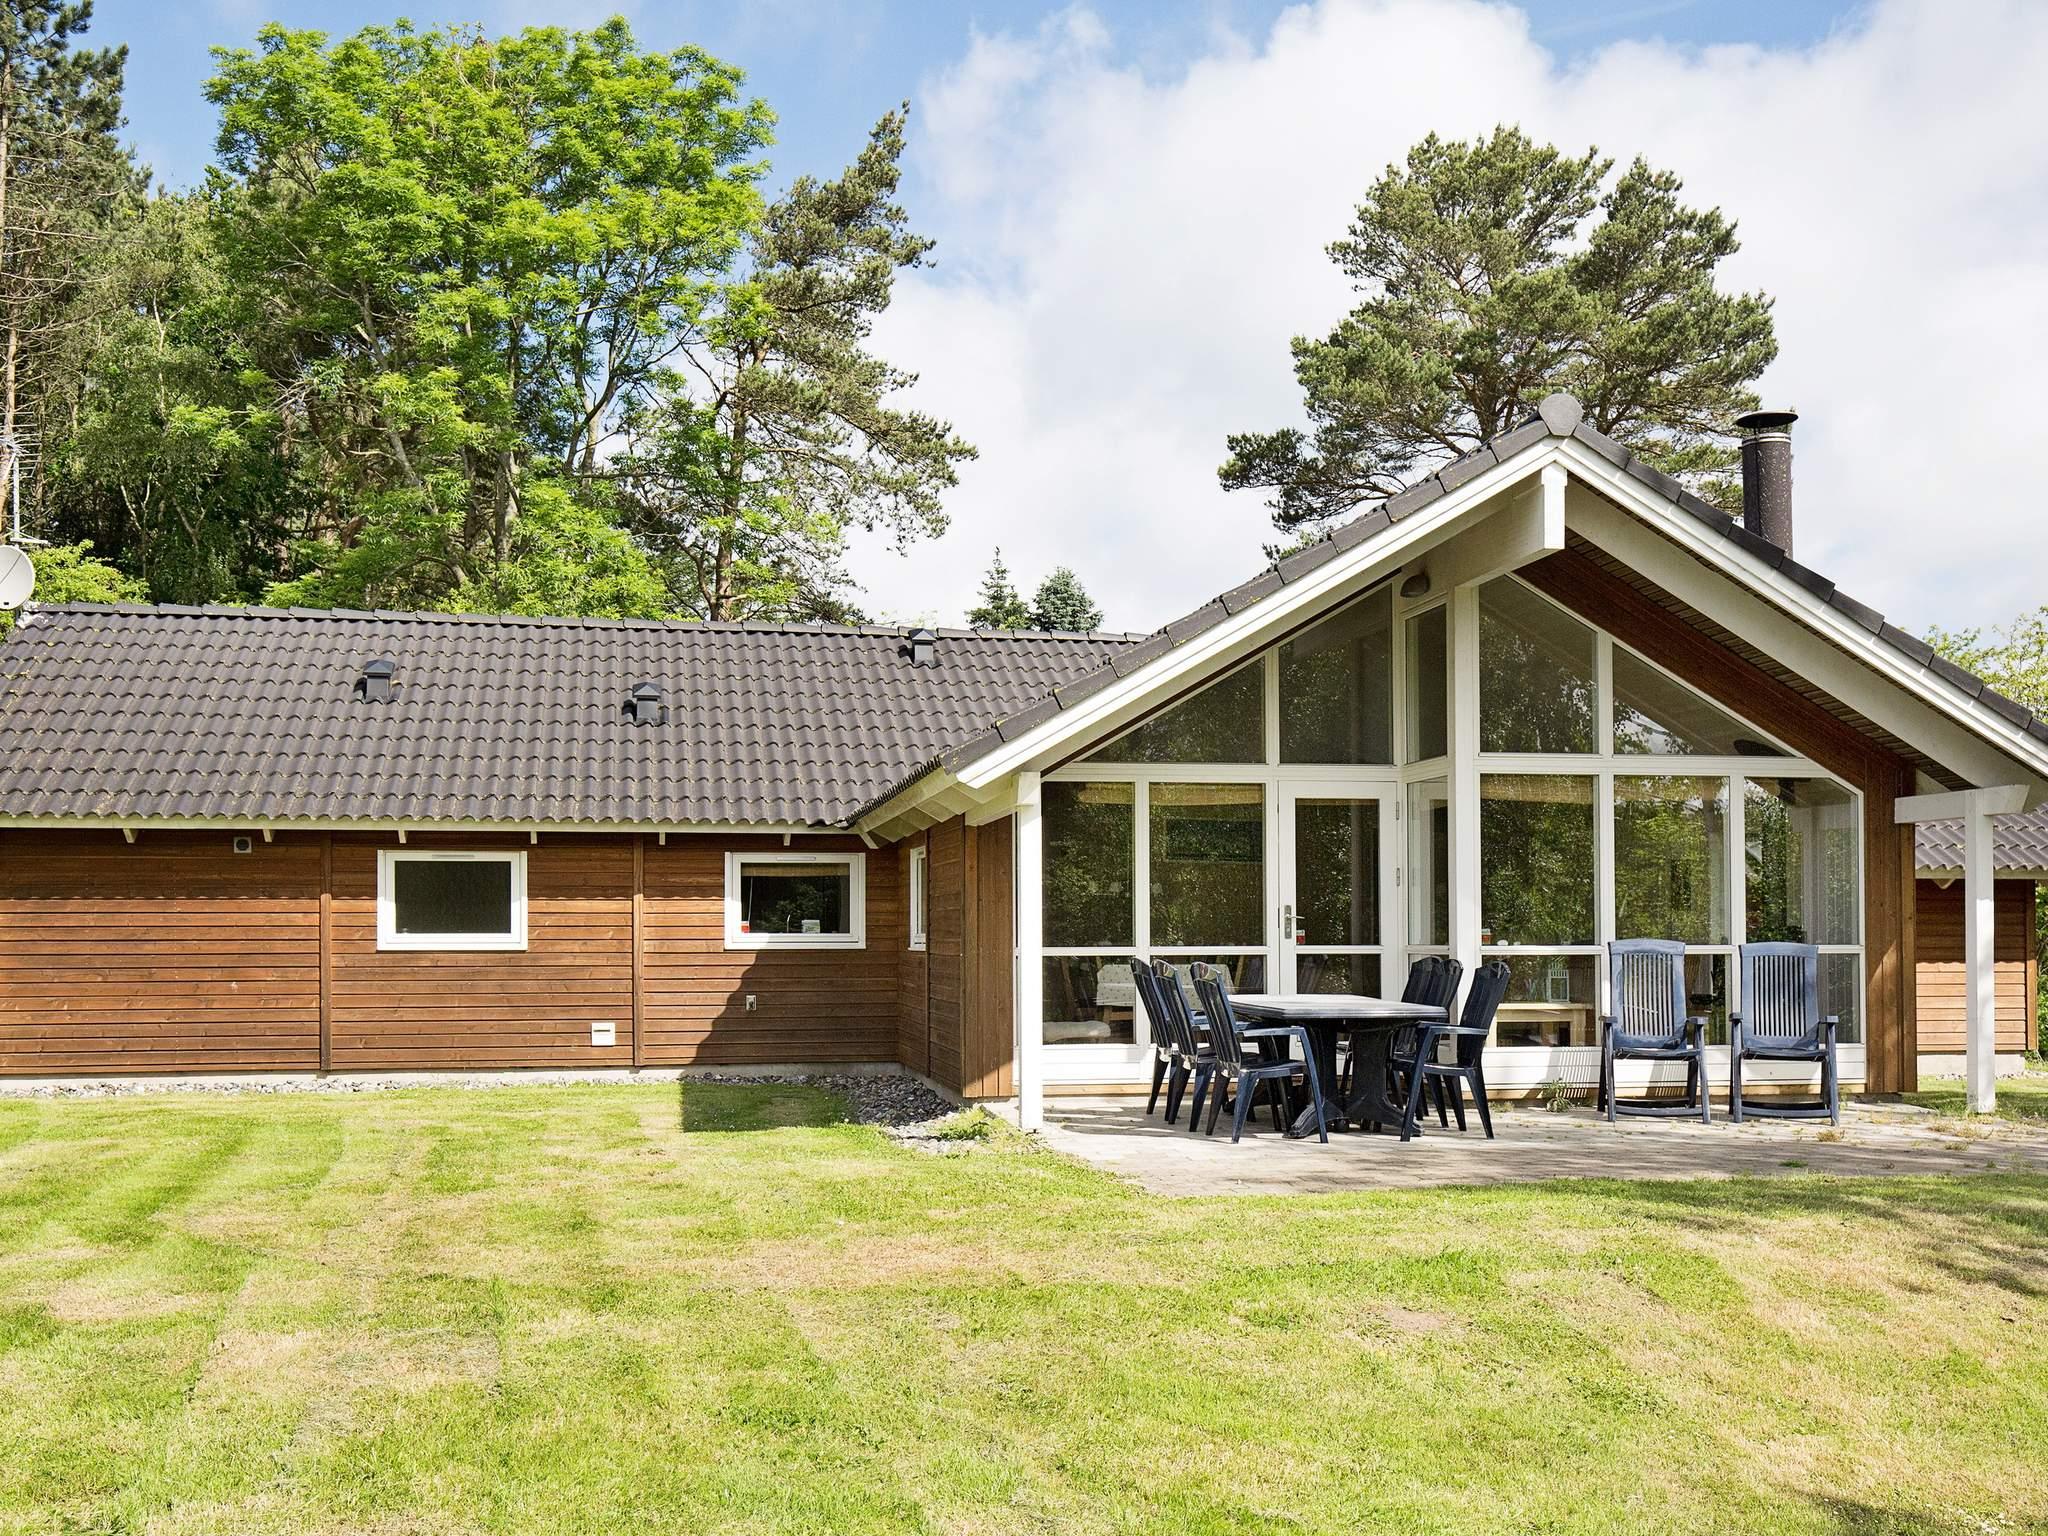 Ferienhaus Veddinge Bakker (216923), Asnæs, , Westseeland, Dänemark, Bild 1